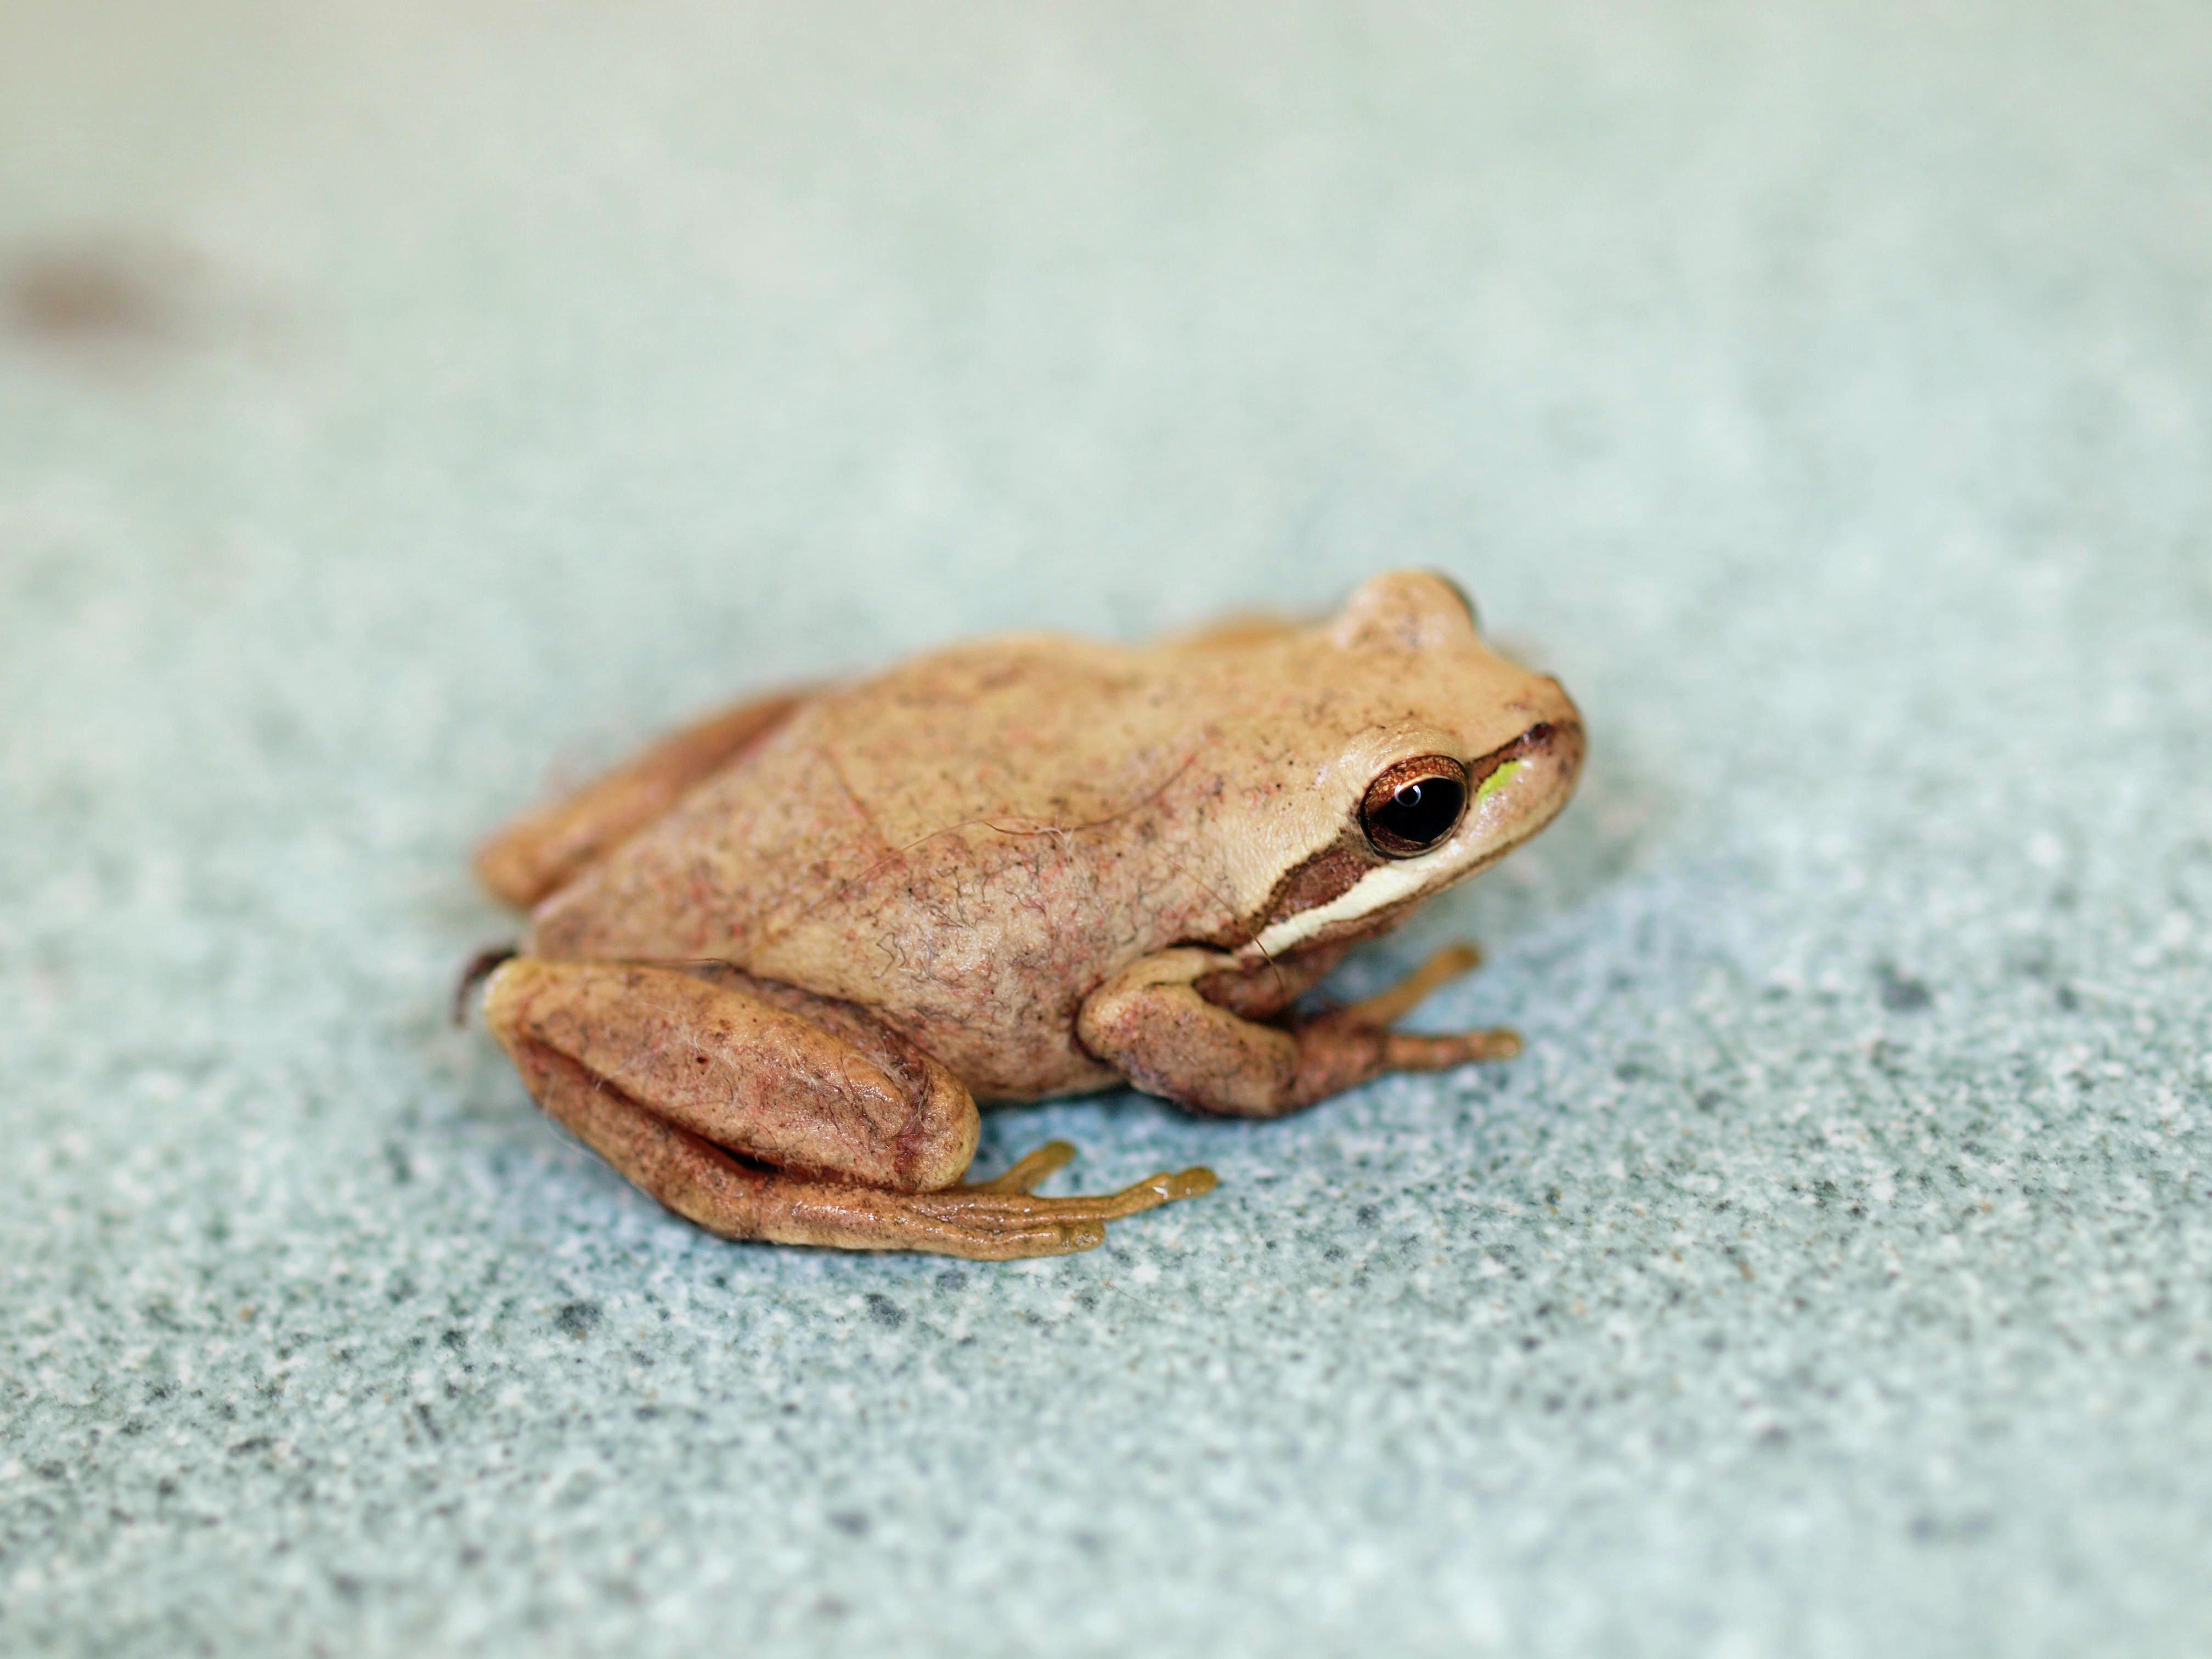 Frog-2.jpeg